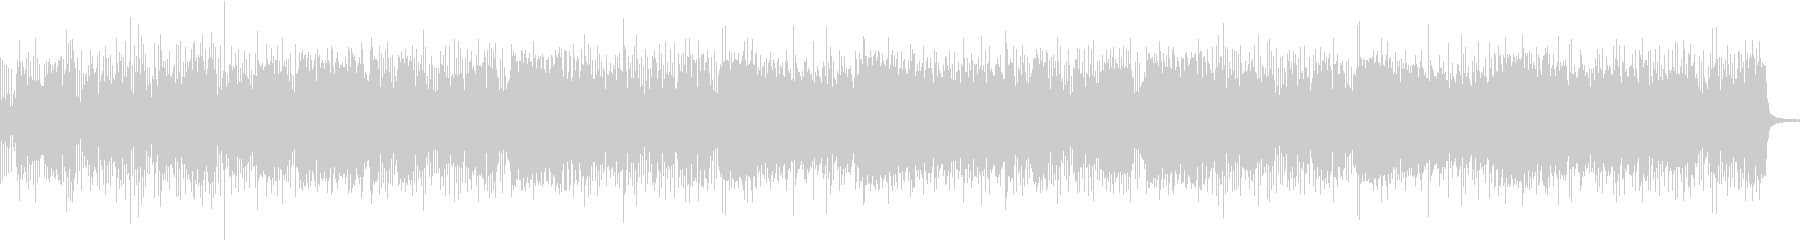 バンドサウンド激しいガレージロックBGMの未再生の波形